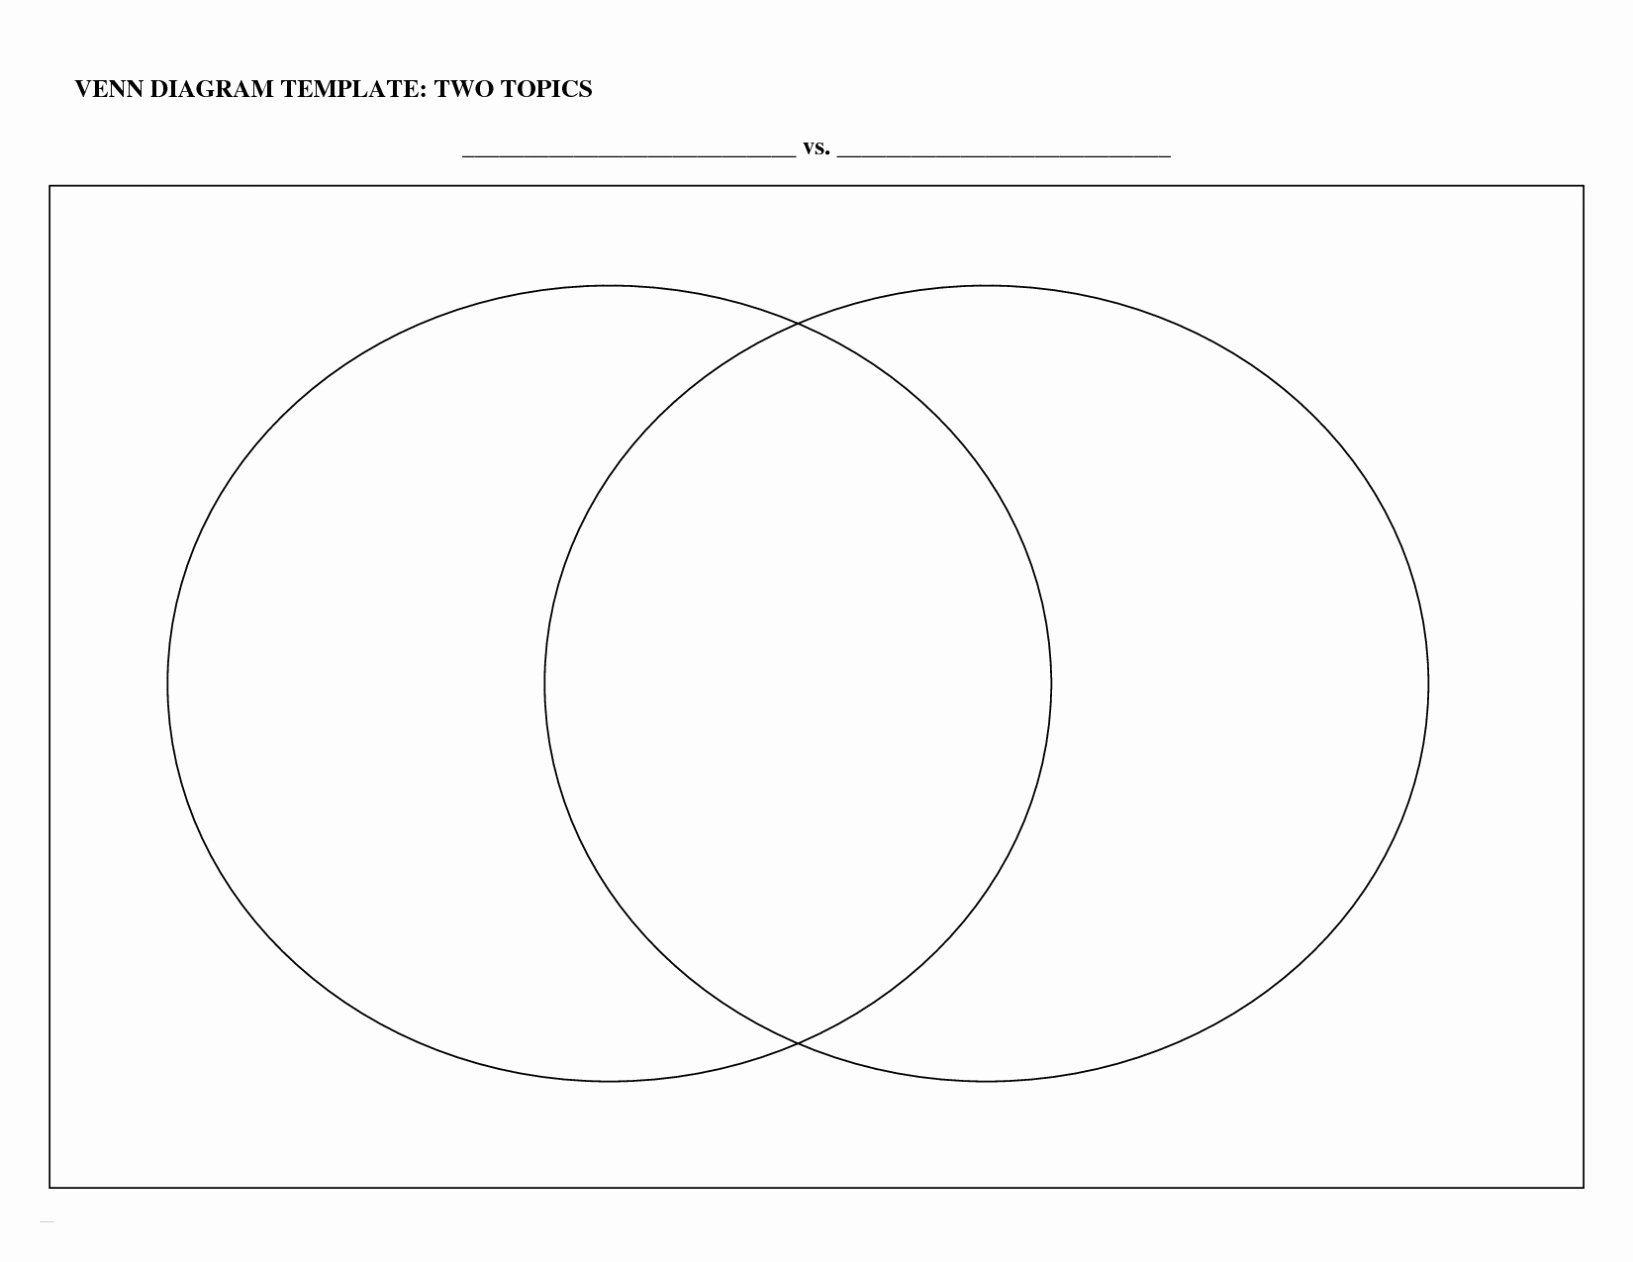 Venn Diagram Template Doc Inspirational Venn Diagram Template Doc Daytonva150 Venn Diagram Template Venn Diagram Printable Venn Diagram Worksheet